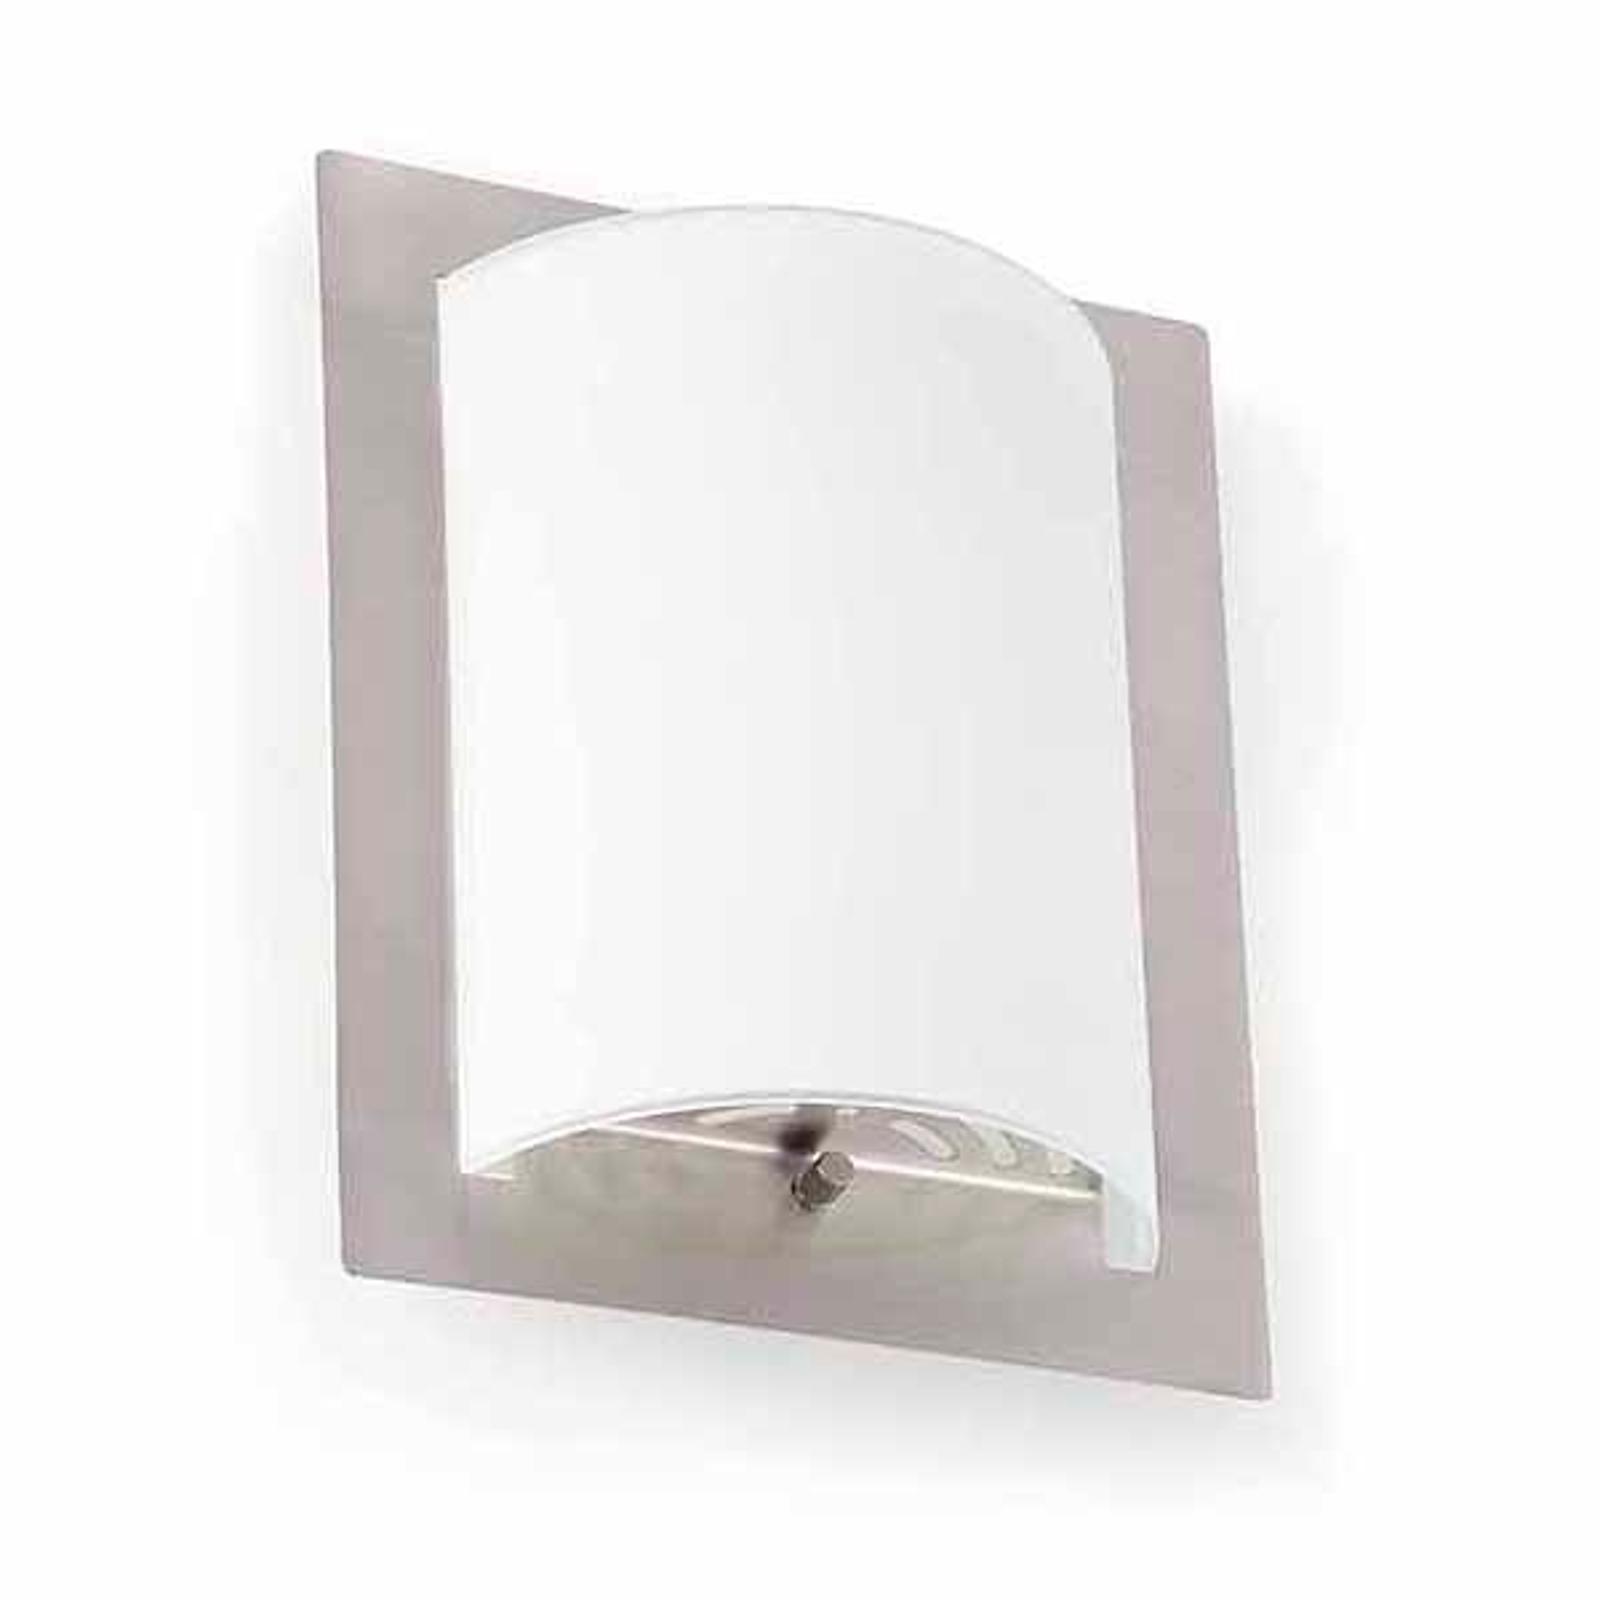 DIULA 1 Elegant Wall Lamp, Nickel, 20 cm_3506735_1